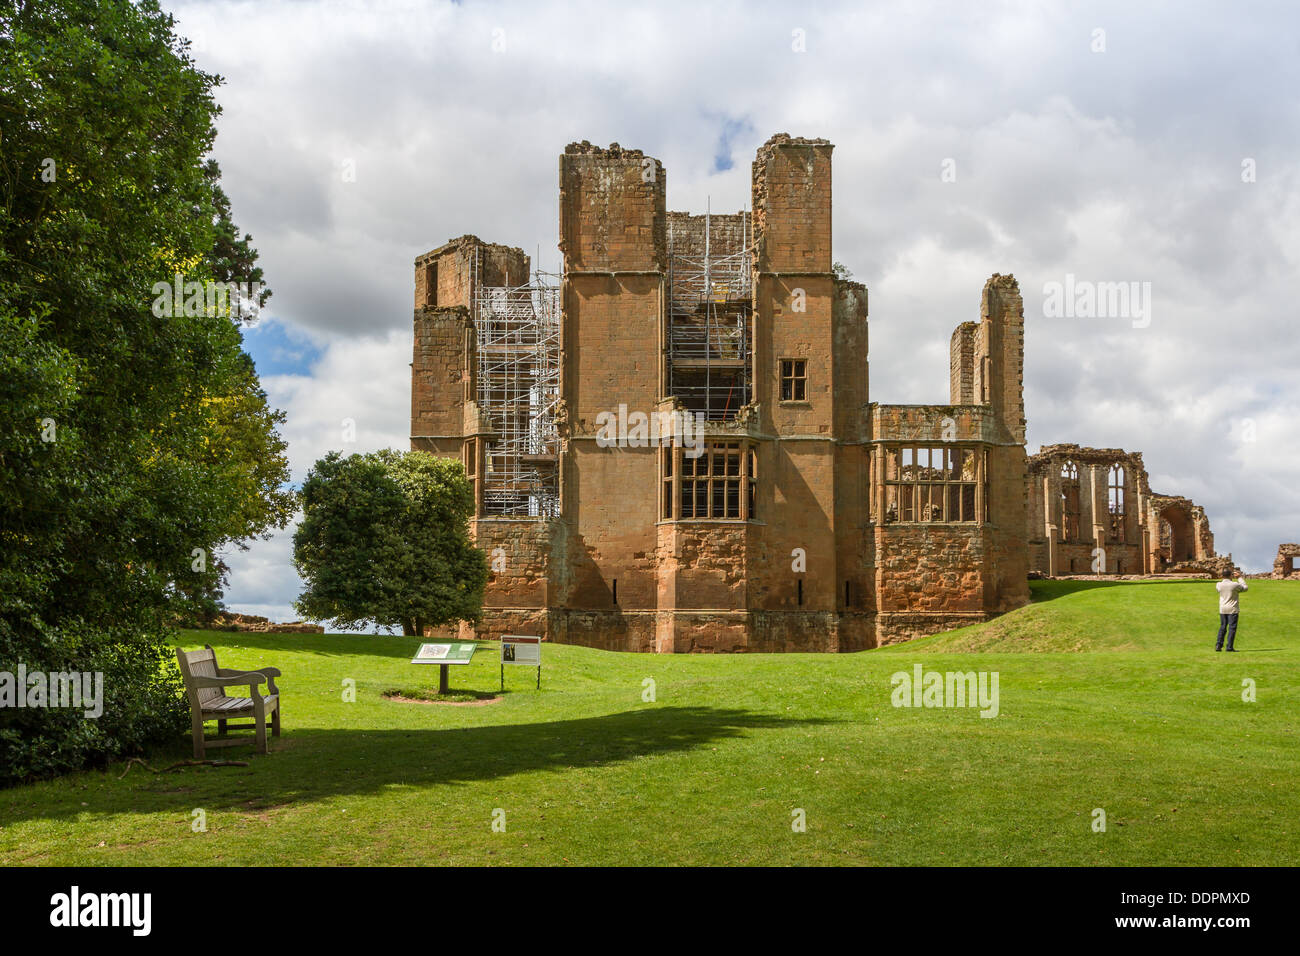 Il lavoro sulle piattaforme di visualizzazione al progetto Leicesters edificio nel Castello di Kenilworth, Warwickshire, Inghilterra. Apre Febbraio 2014. Foto Stock